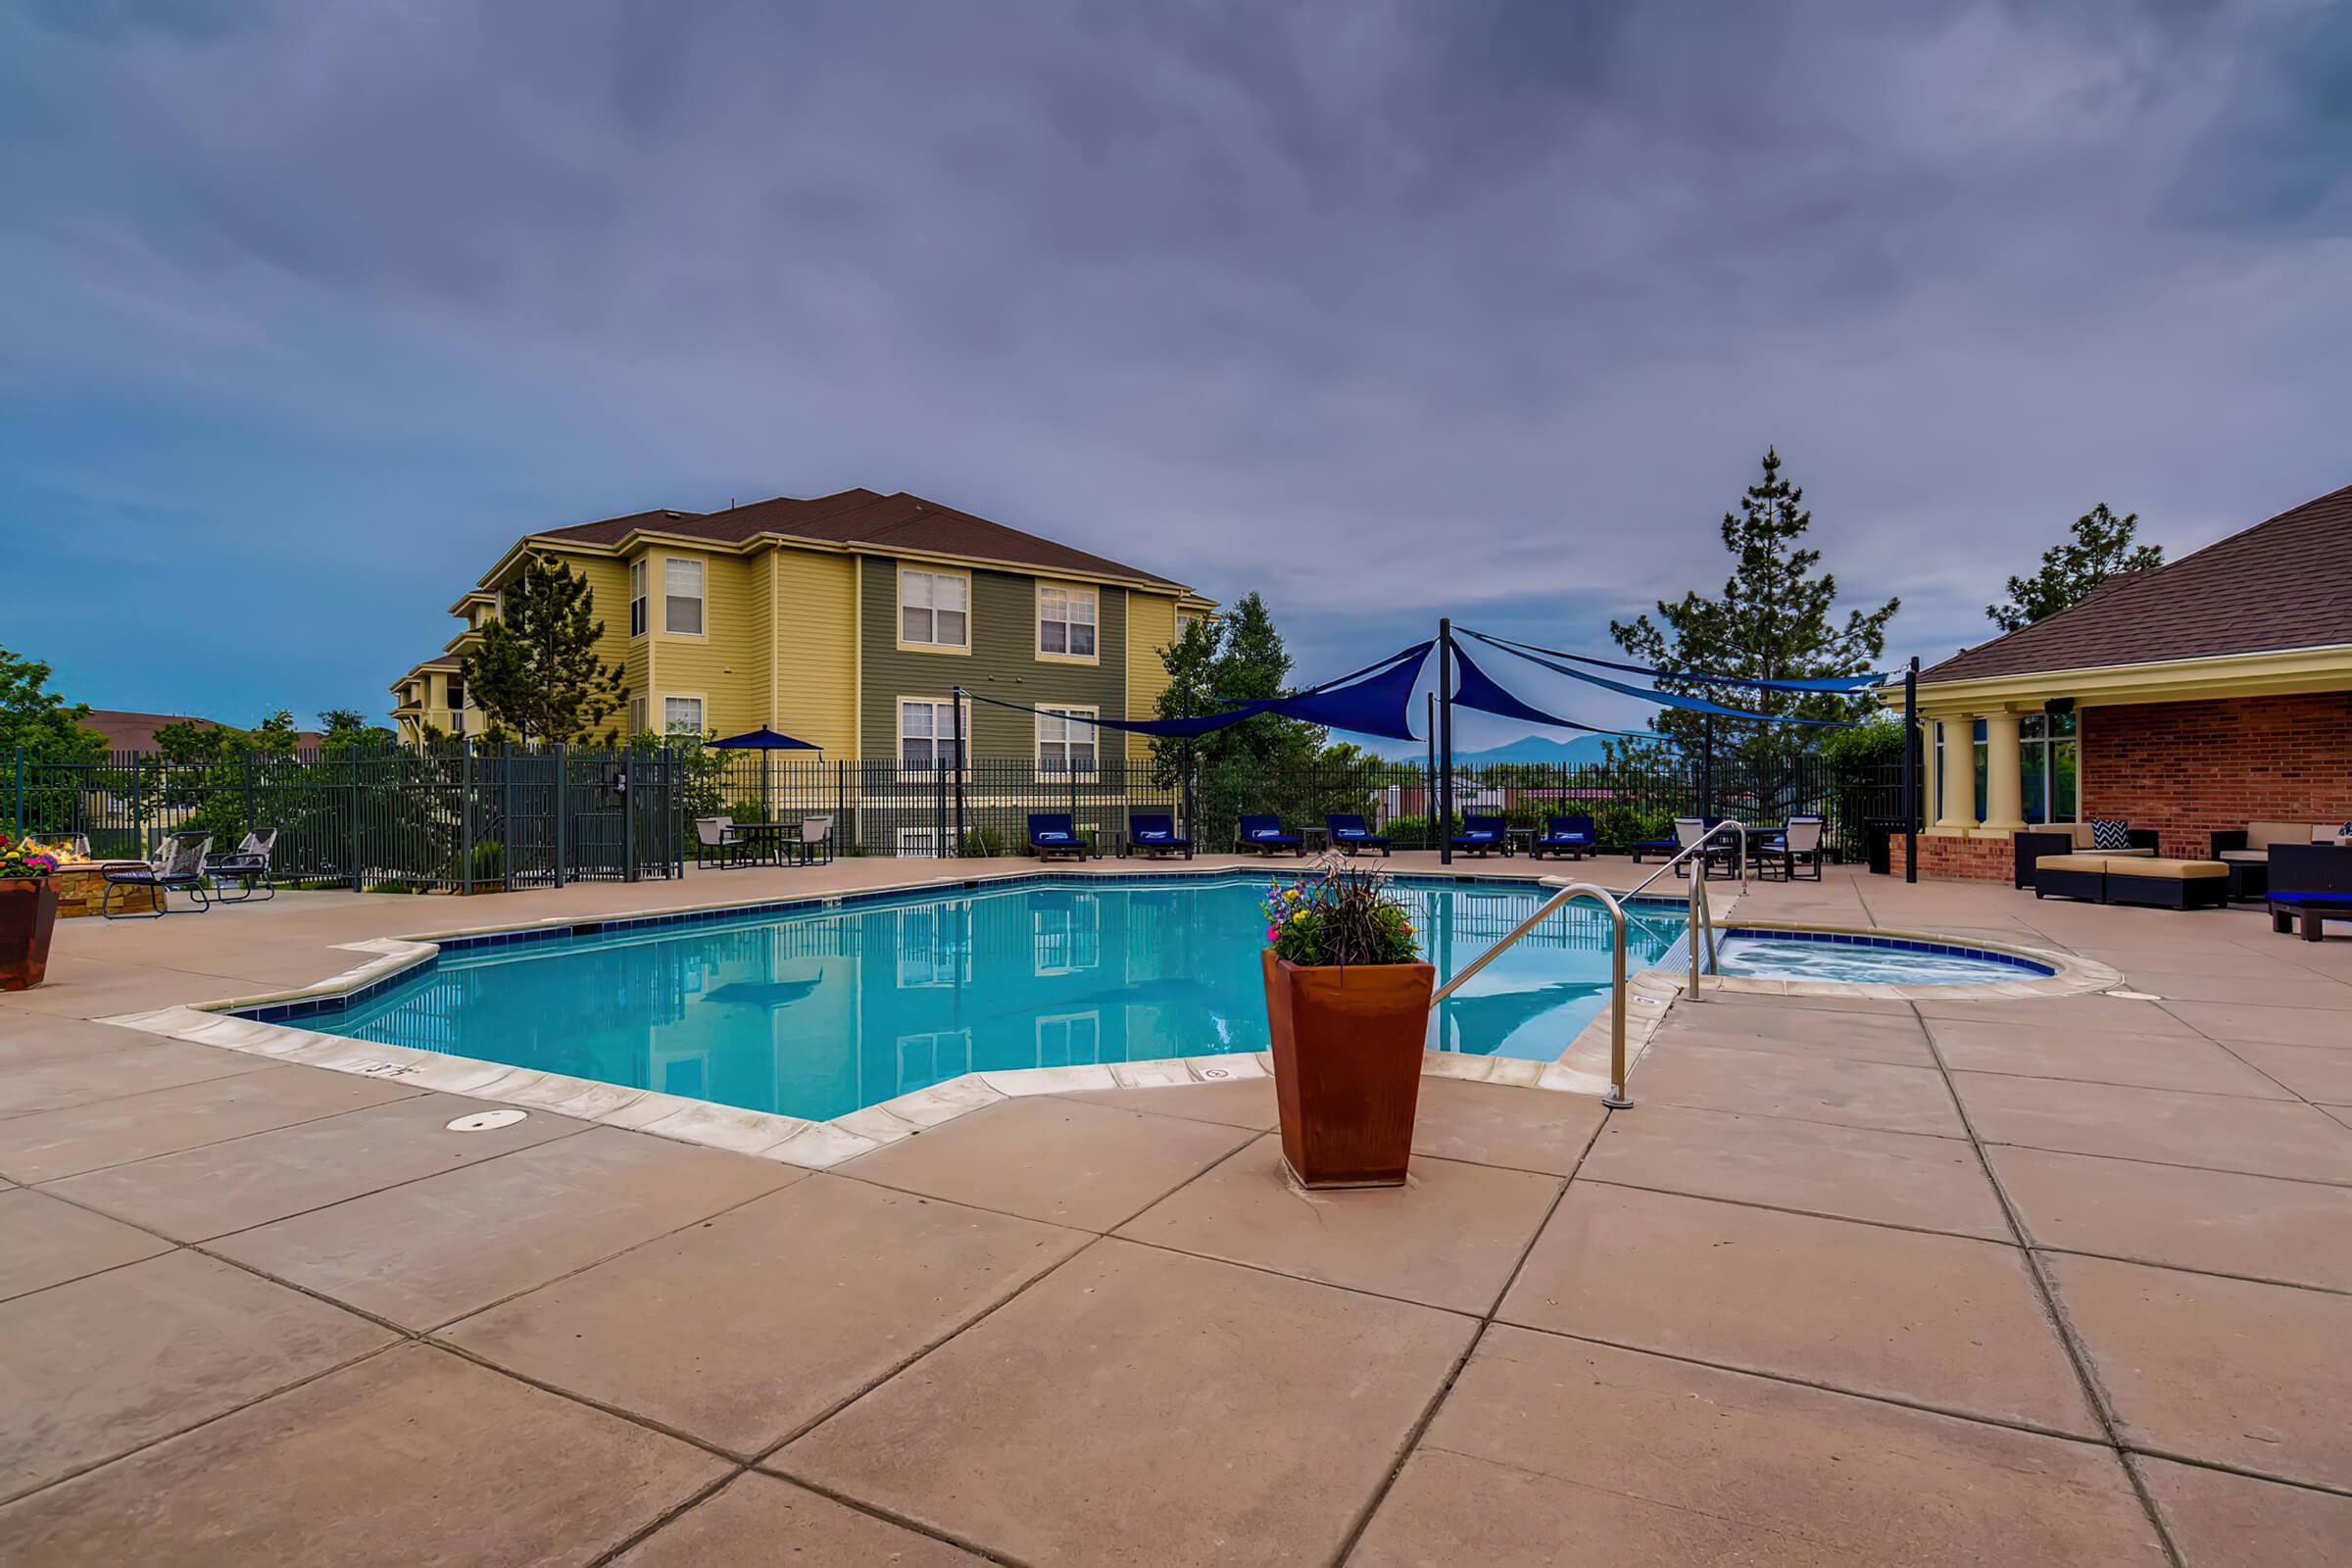 13631 Shepard Hts Colorado Springs CO - Web Quality - 032 - 38 Pool.jpg